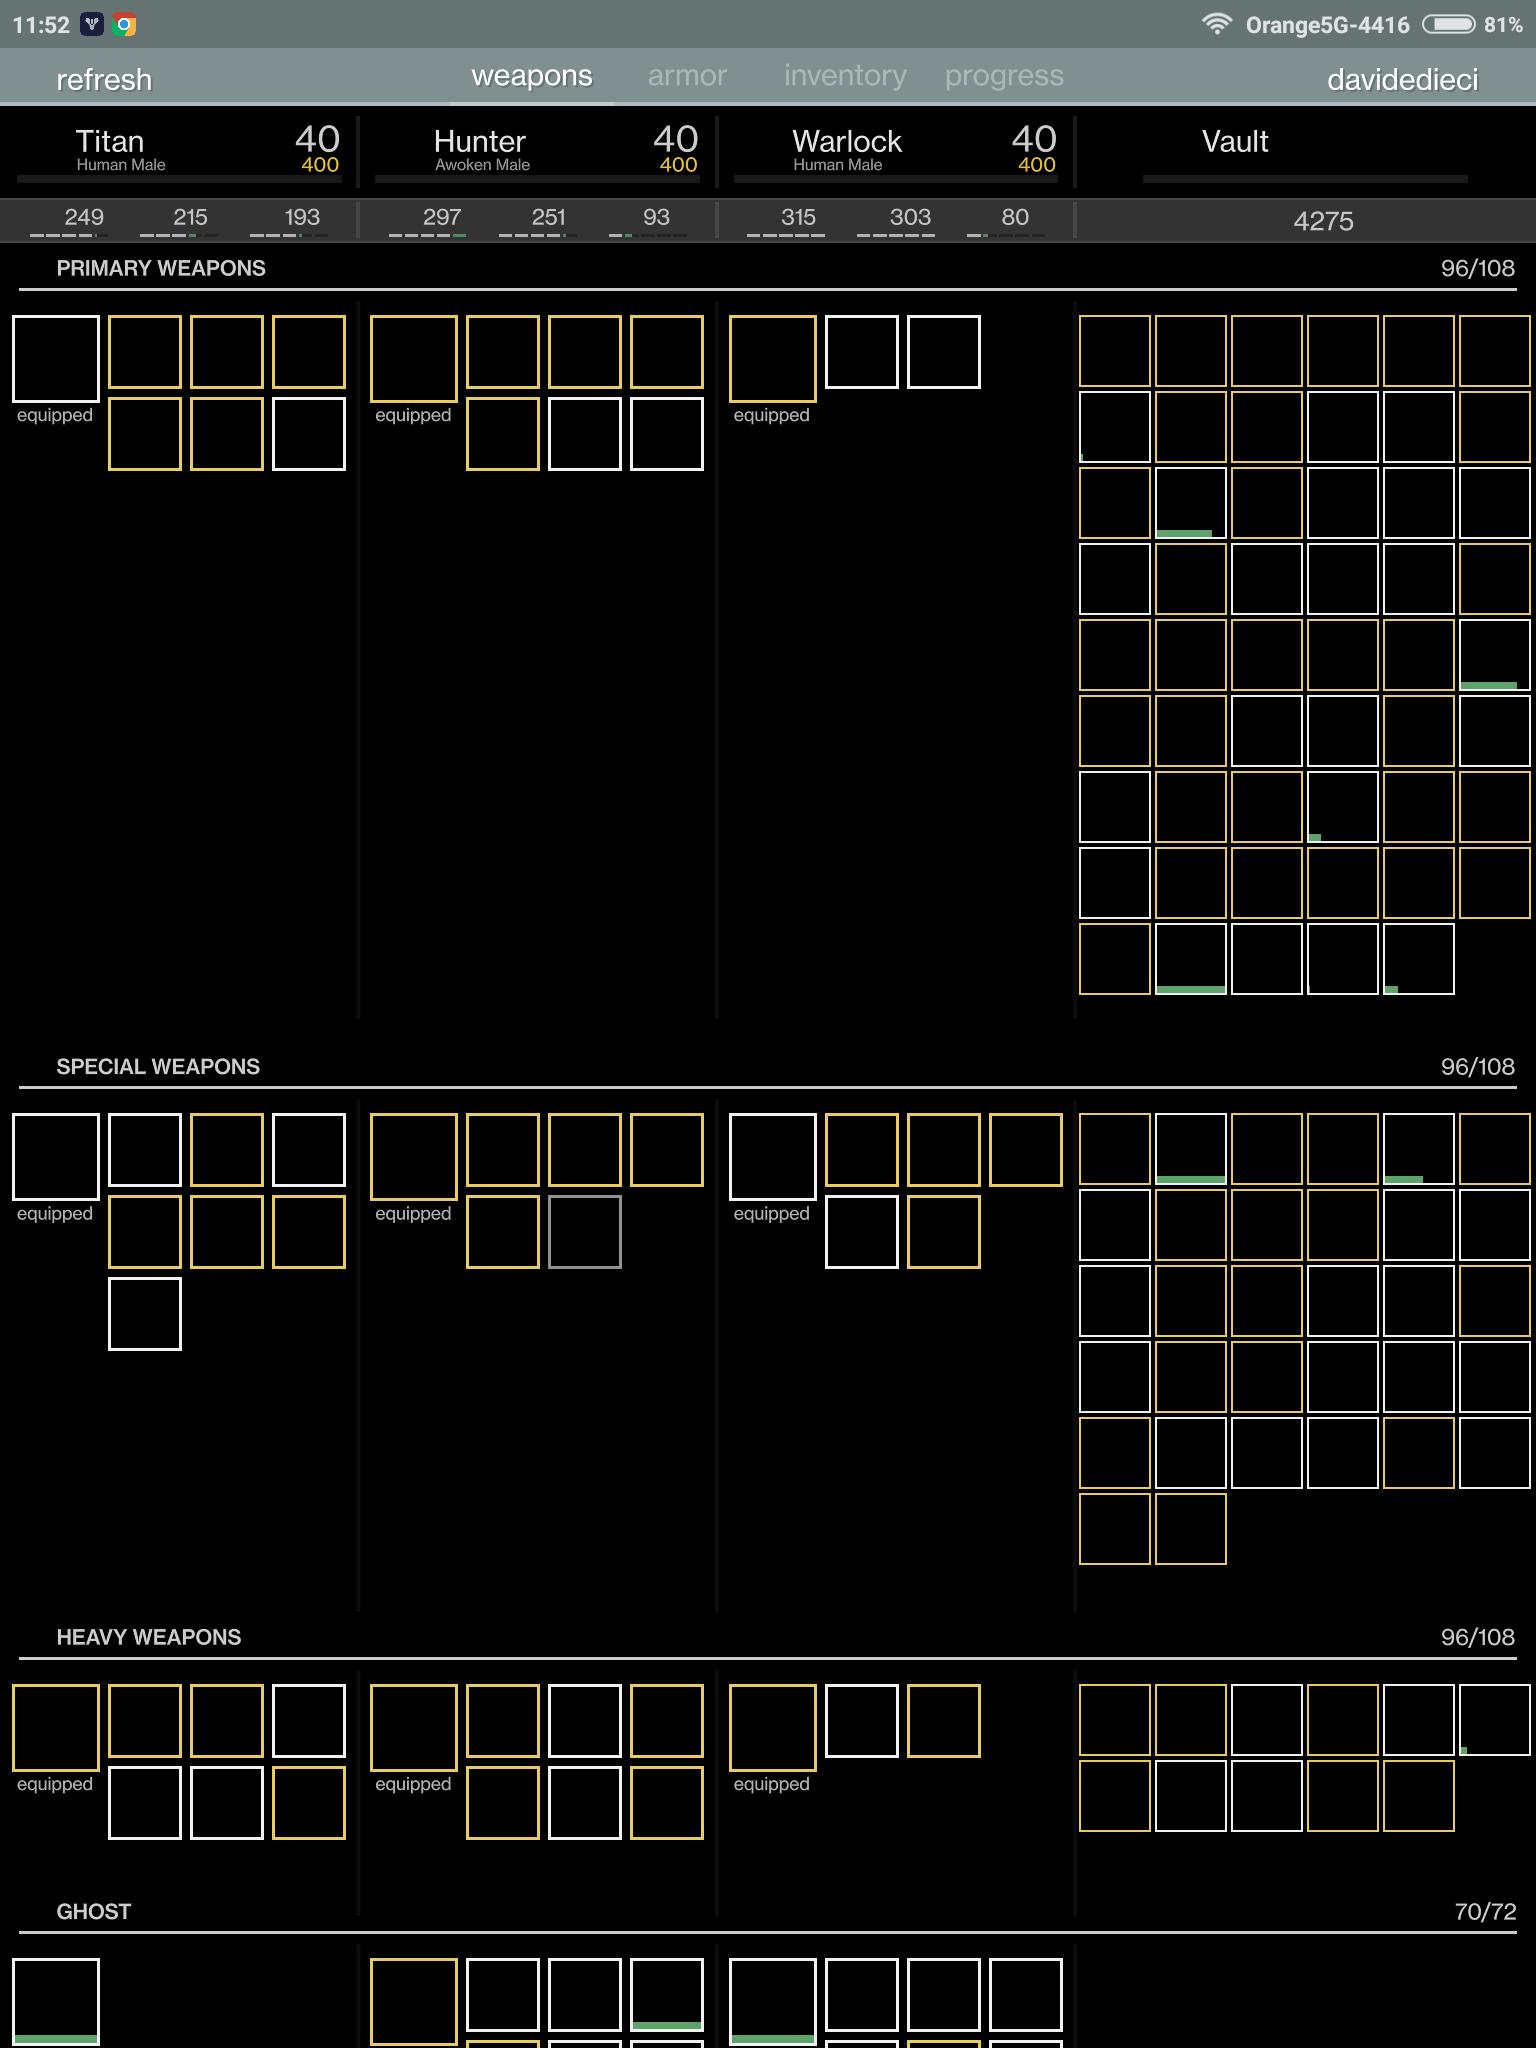 Screenshot_2017-05-28-11-52-41-655_com.unintuitive.IshtarCommander.png